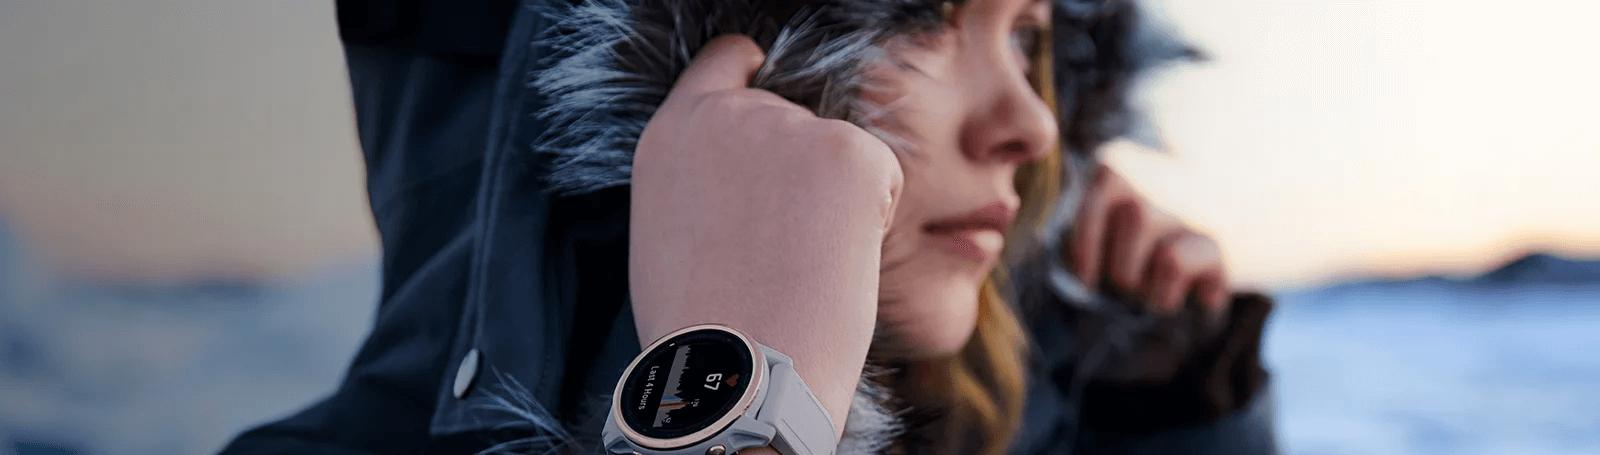 Atteignez de nouveaux sommets. Votre montre vous accompagne.